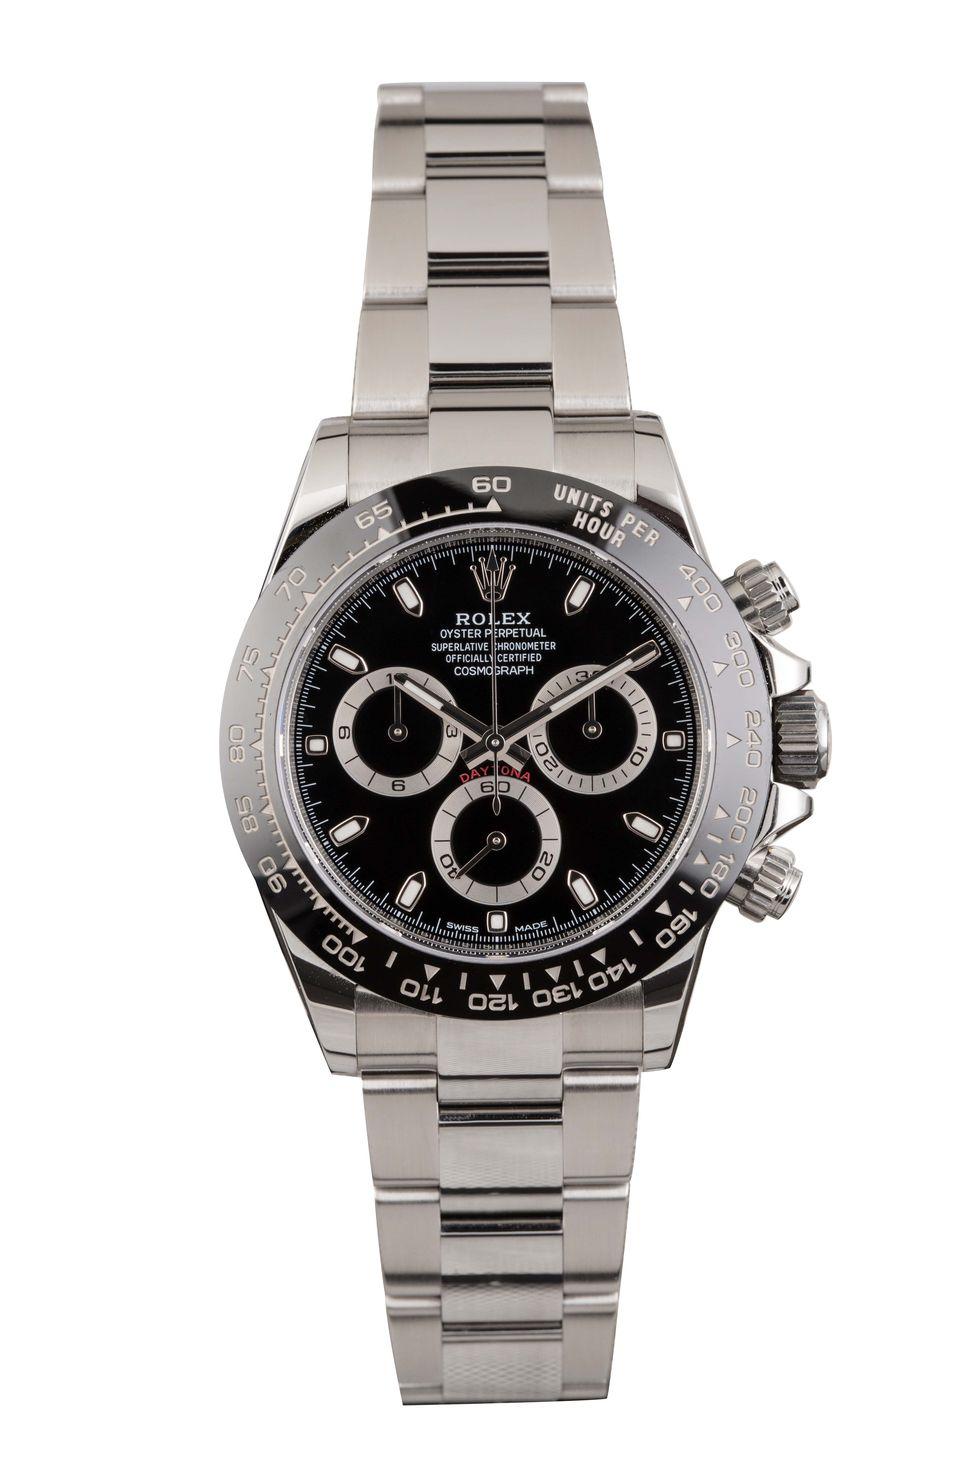 Rolex Daytona, Ref 116500LN